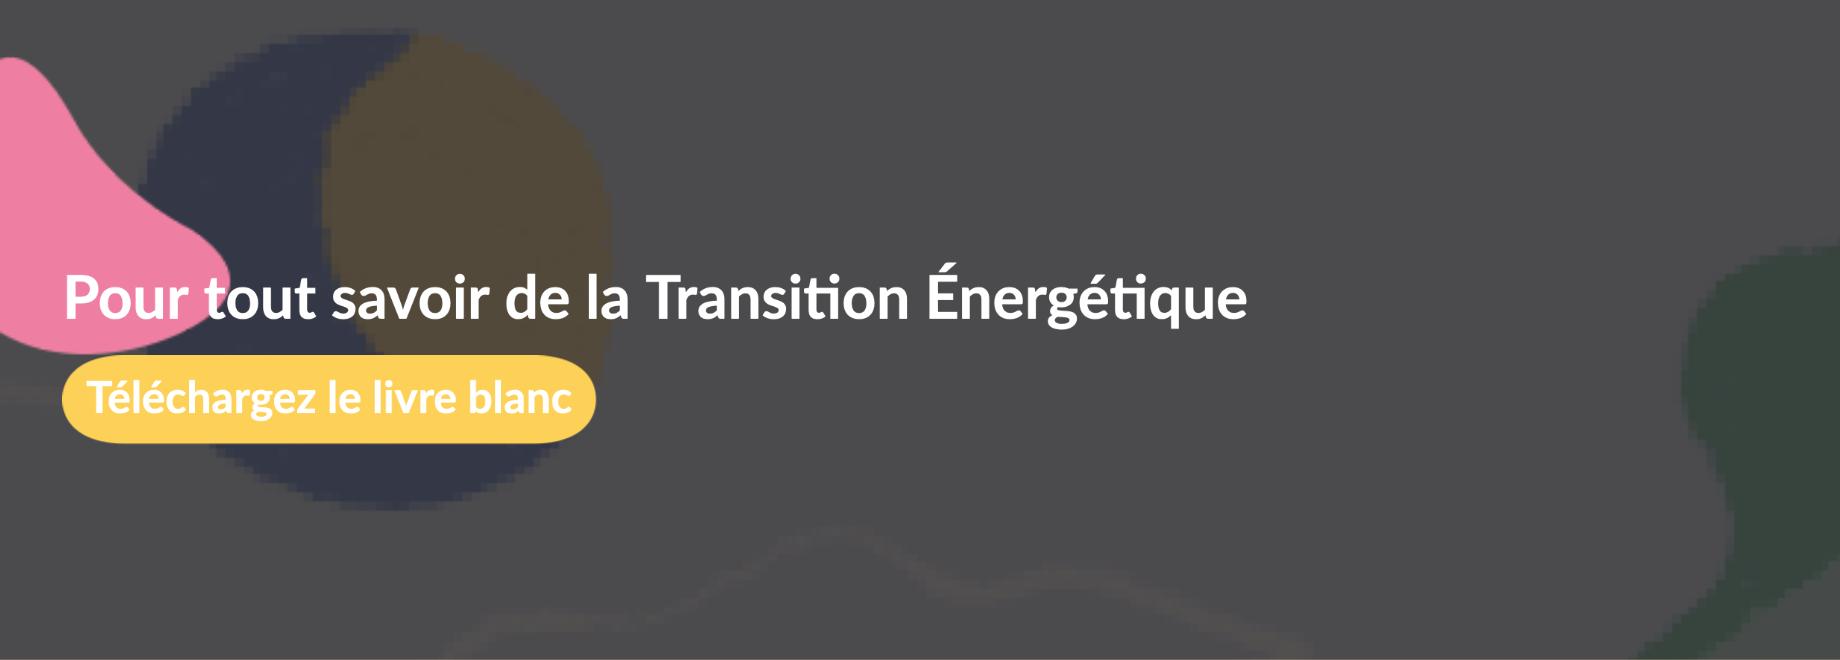 La transition énergétique peut permettre à votre entreprise de faire des économies durables sur votre budget énergétique